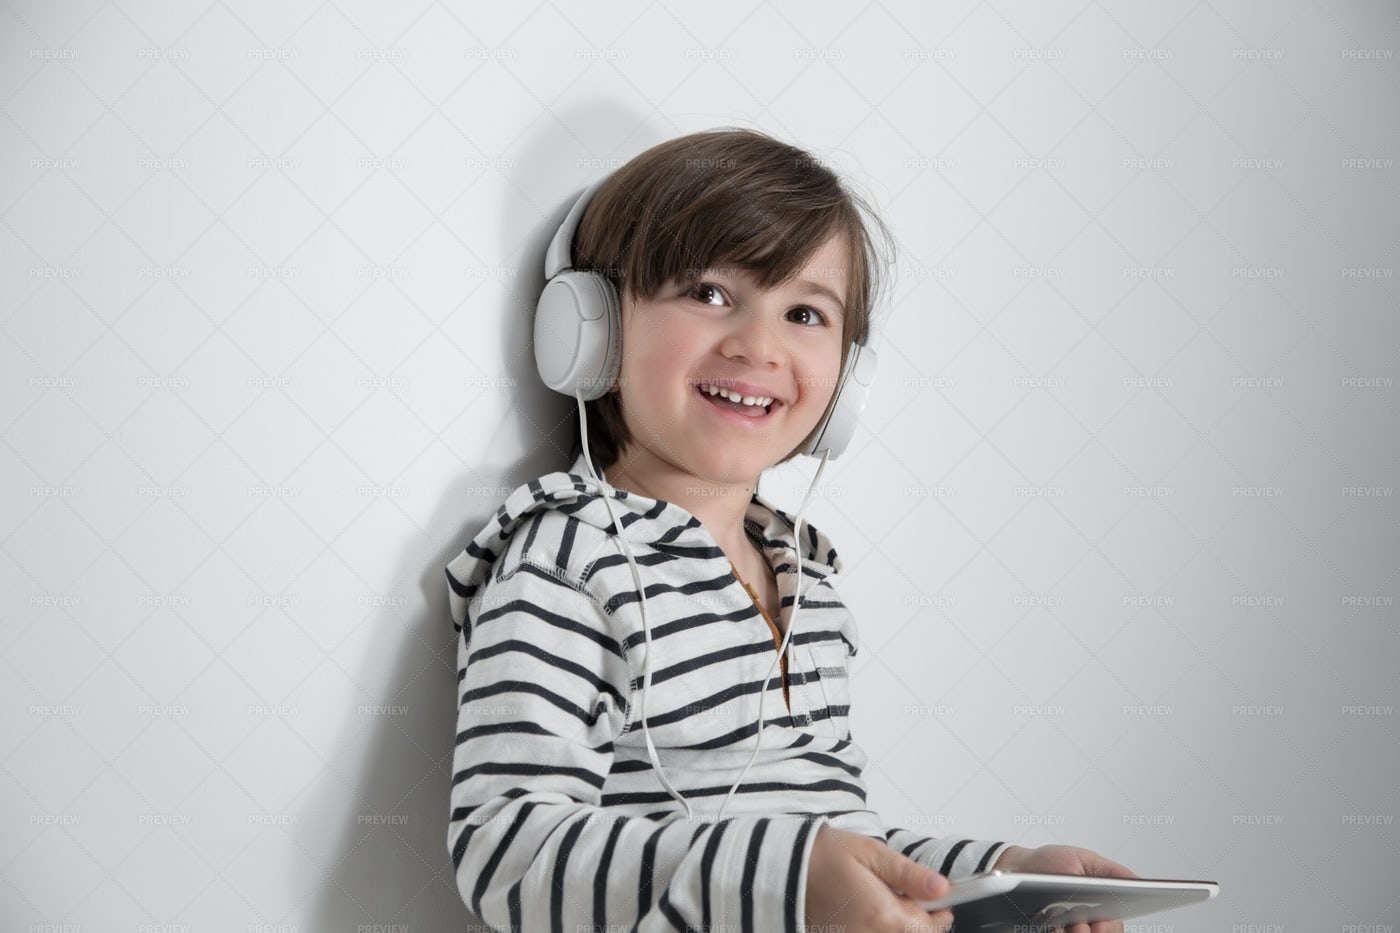 Child With Headphones: Stock Photos